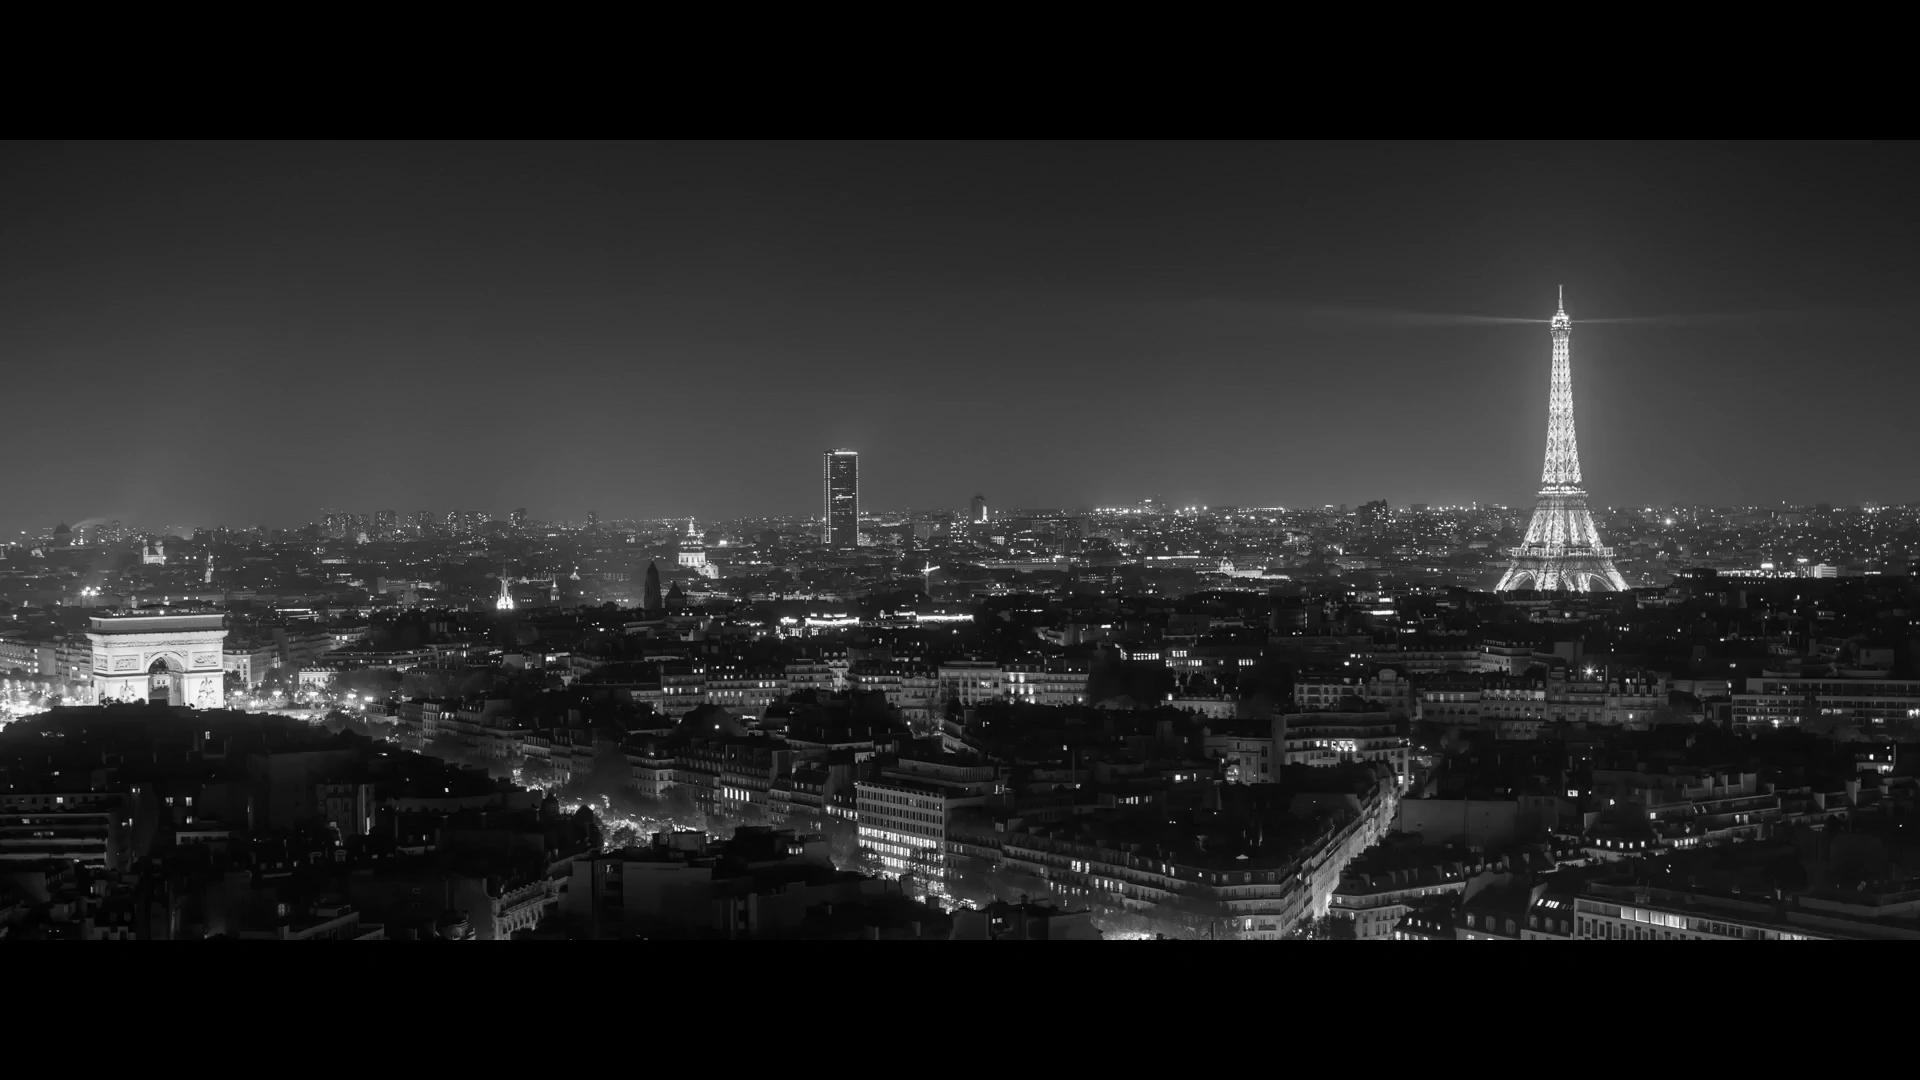 Paris France - IMMR